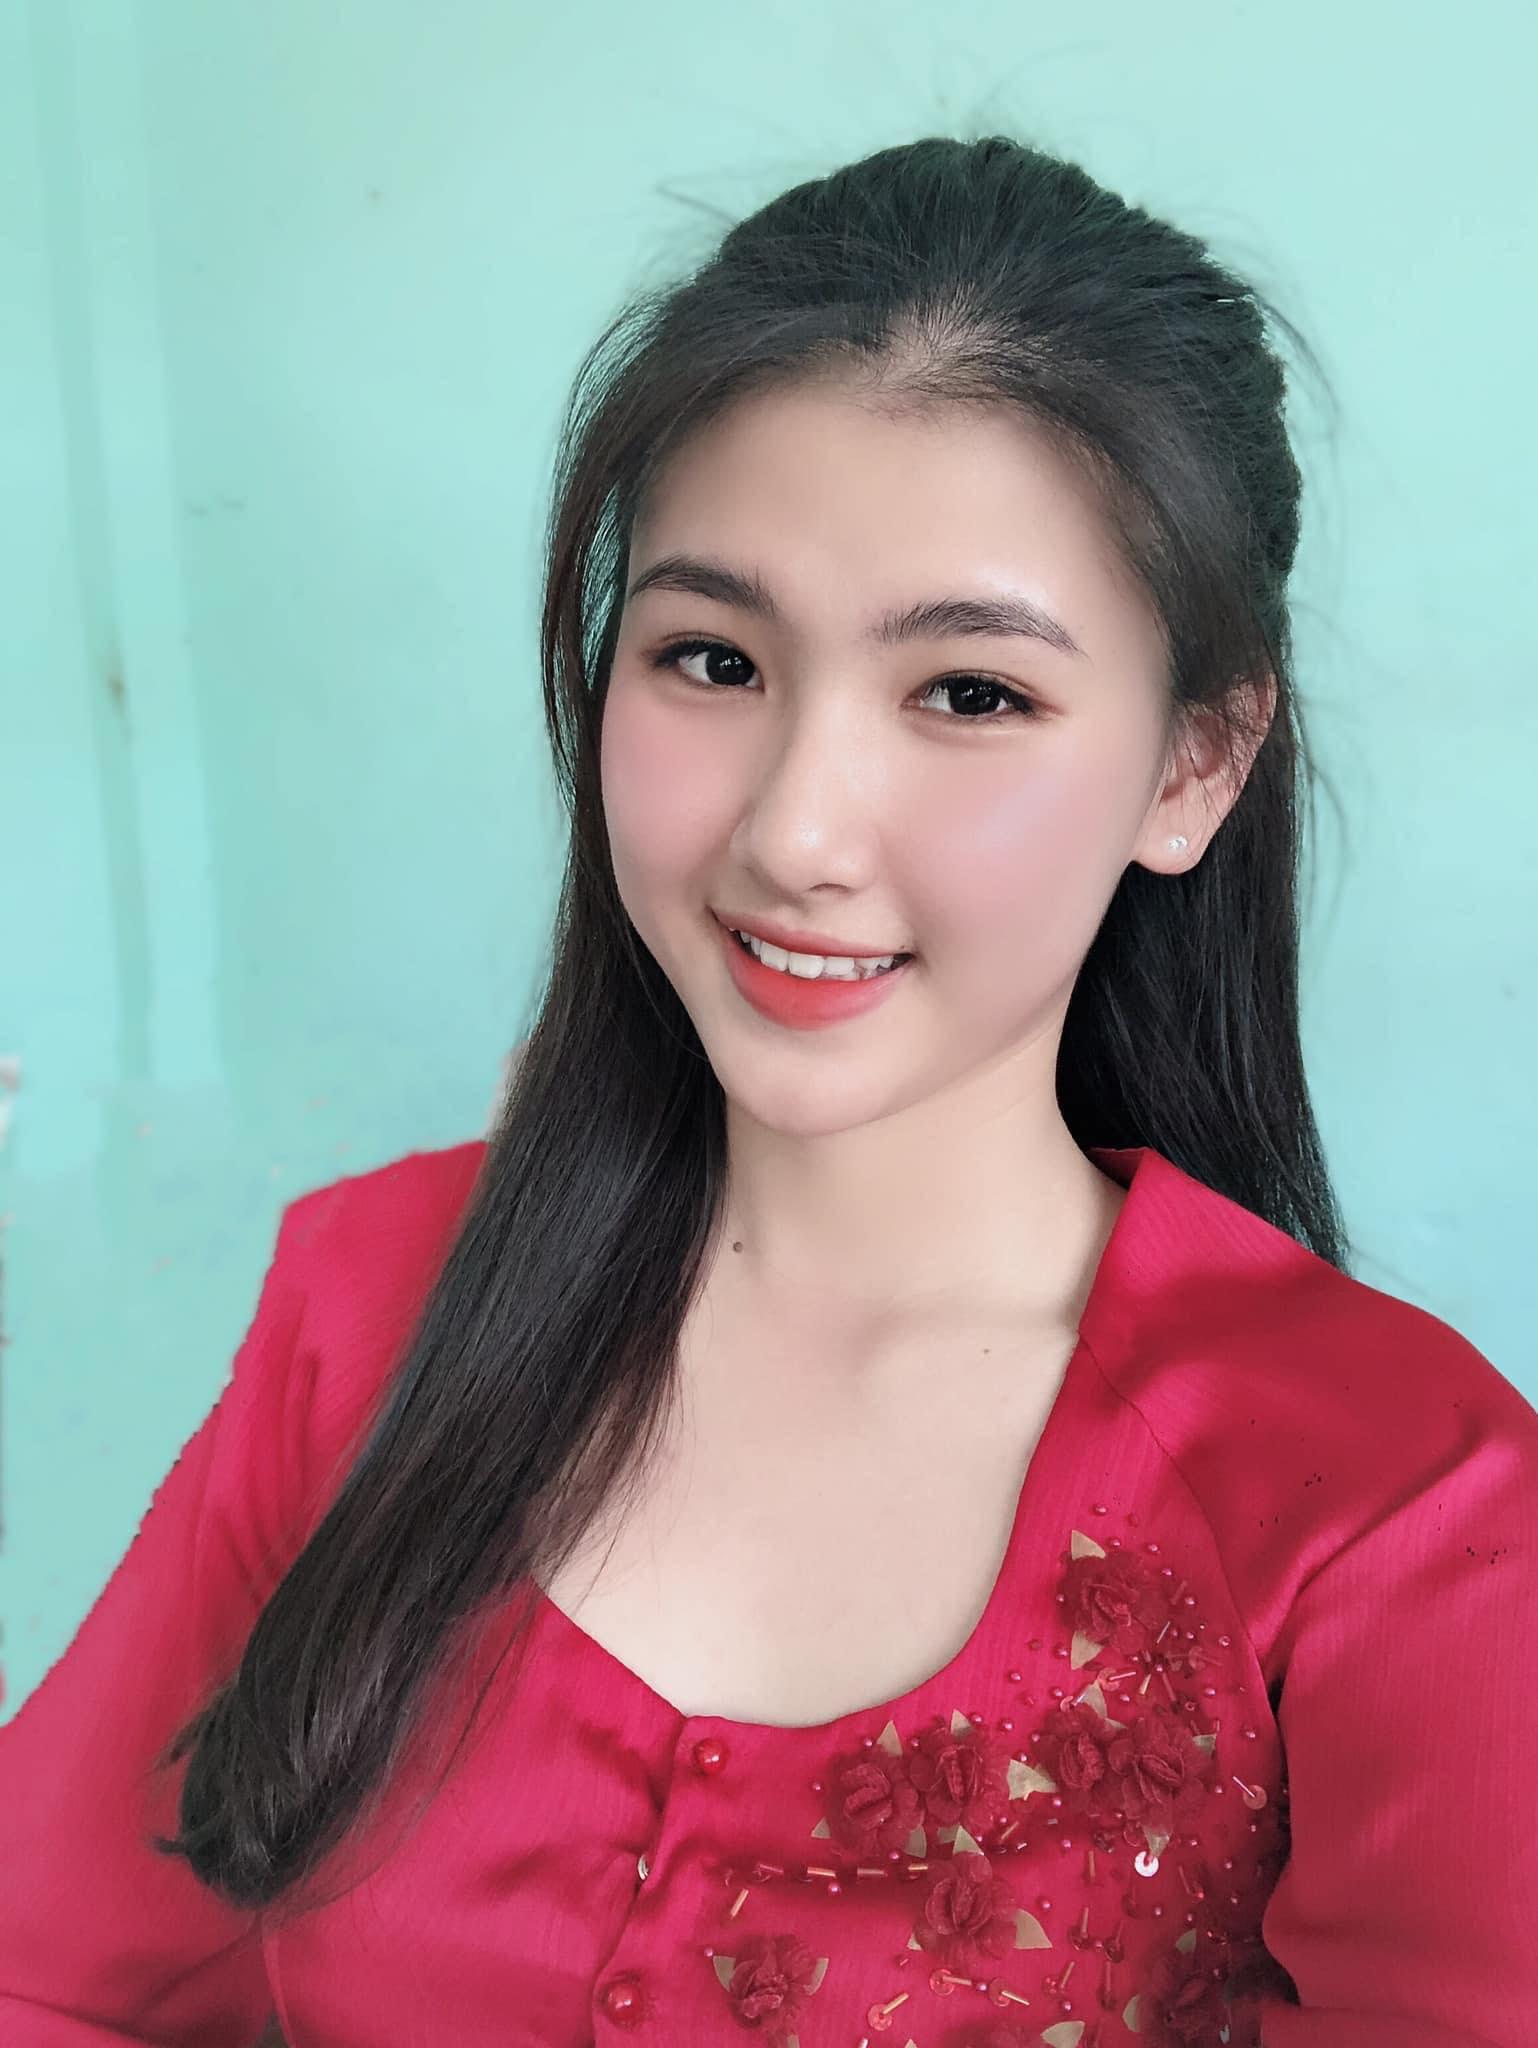 Nữ sinh miền gái đẹp Cần Thơ gây chú ý vì quá xinh tại Hoa hậu Thế giới Việt Nam